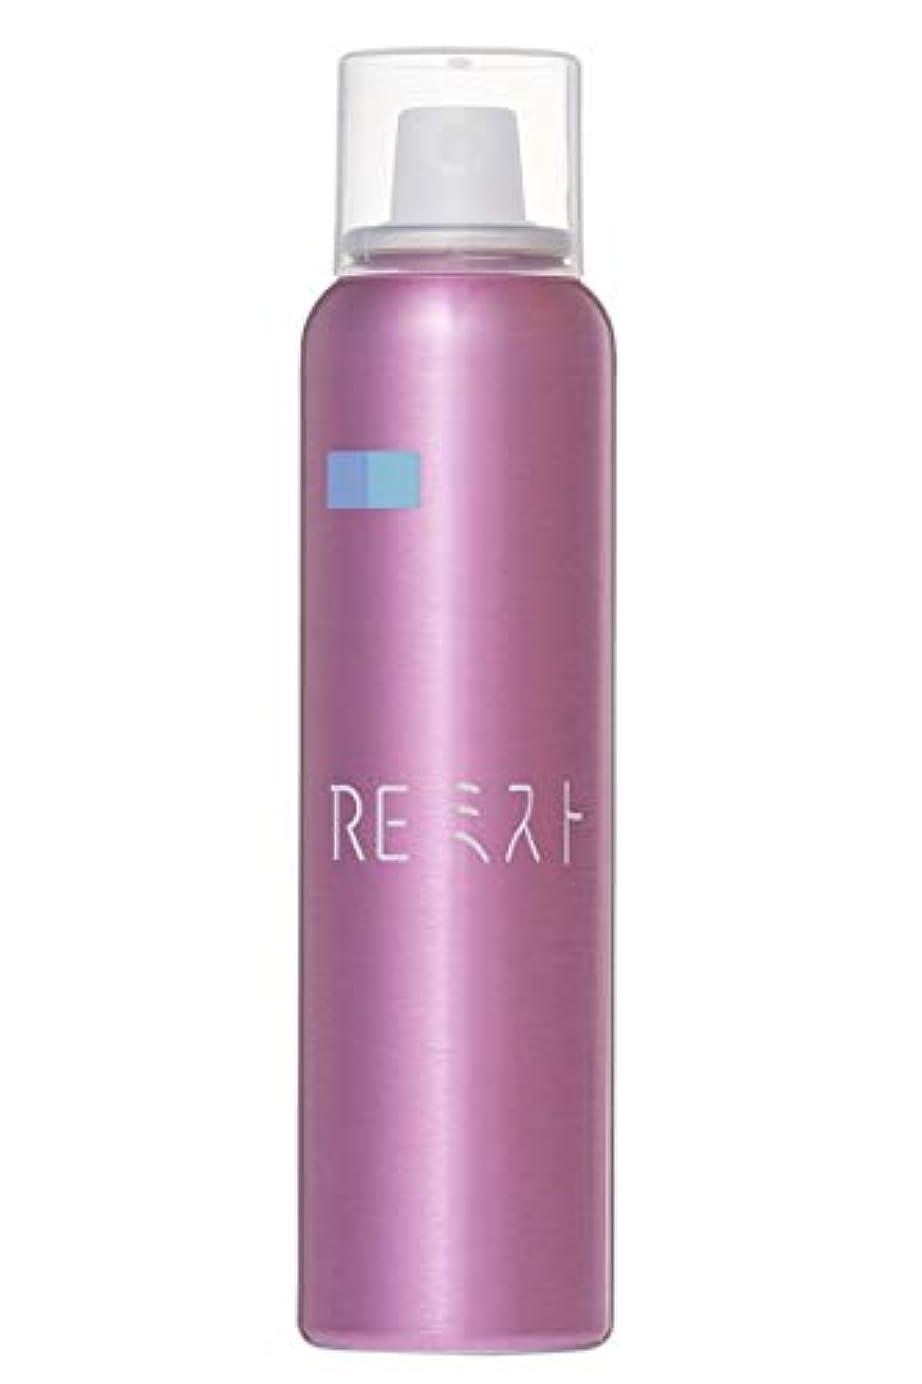 クール光の実行REミスト 130ml スプレータイプ 水素+保湿 水素ミスト 水素パック フェイスパック (12本セット)